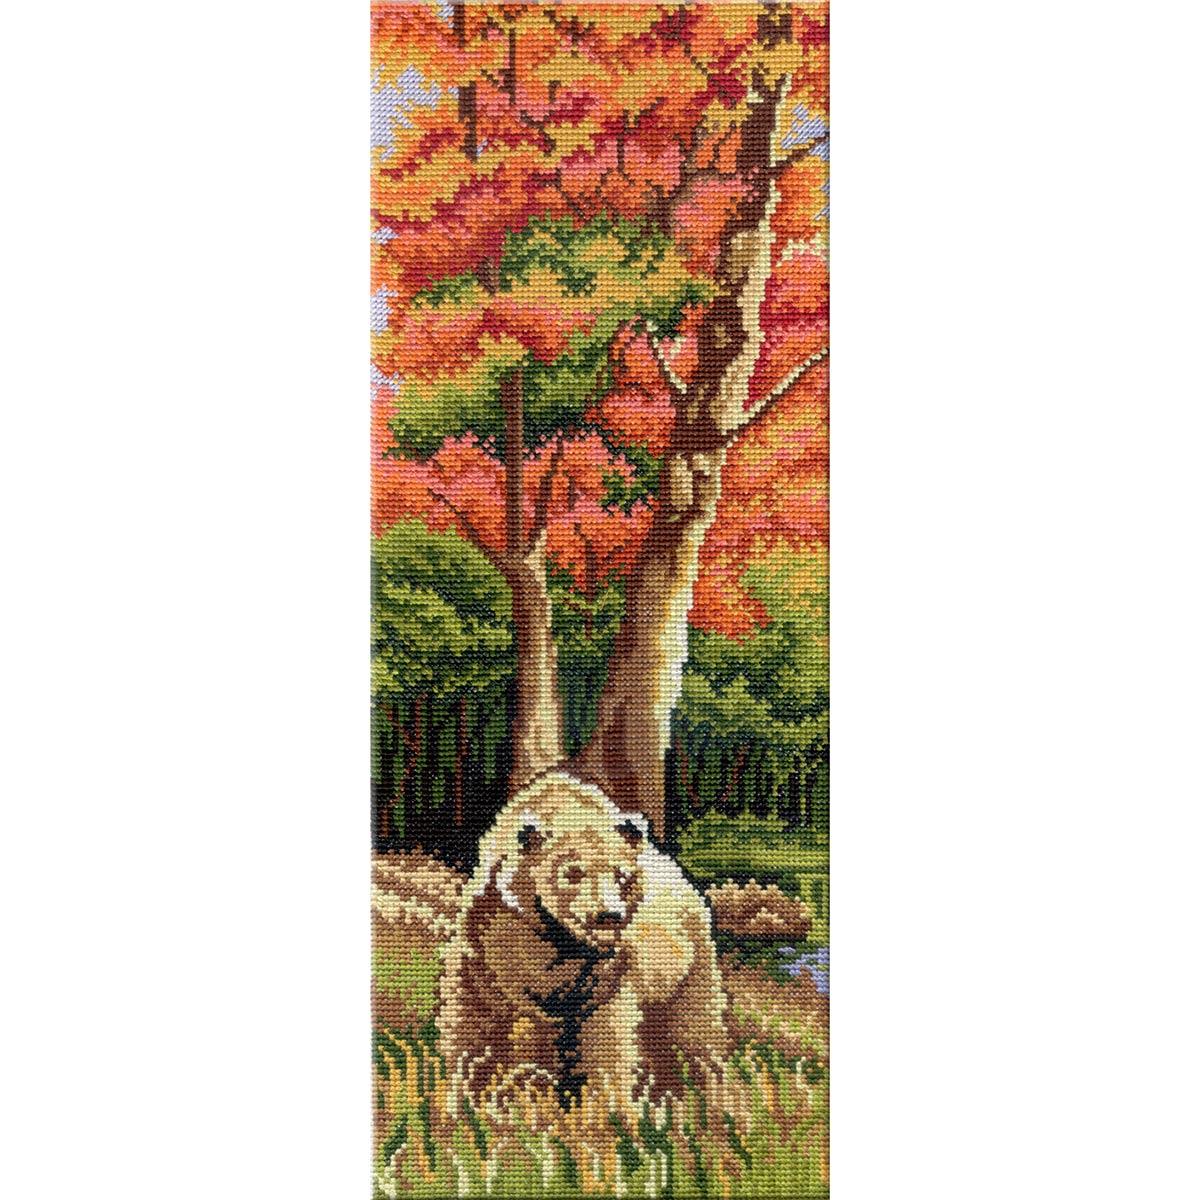 НВ-262 Набор для вышивания мулине 'МП Студия' 'Триптих 'Животные' 1 часть', 38х15 см